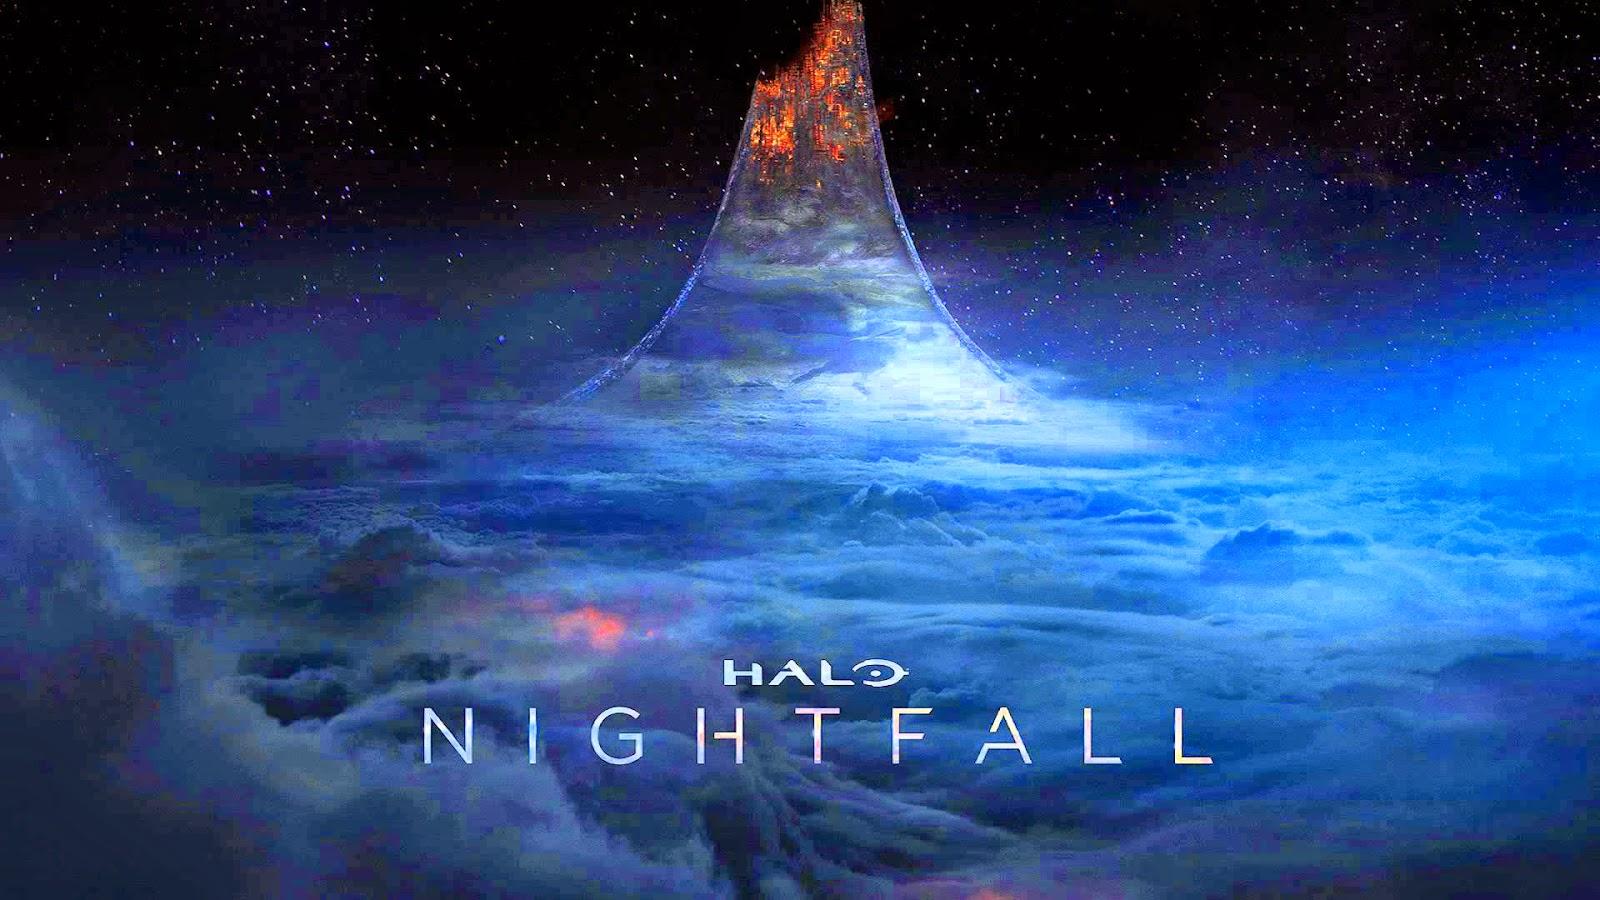 Просмотр сериала Halo: Nightfall разблокирует особые награды в Halo 5